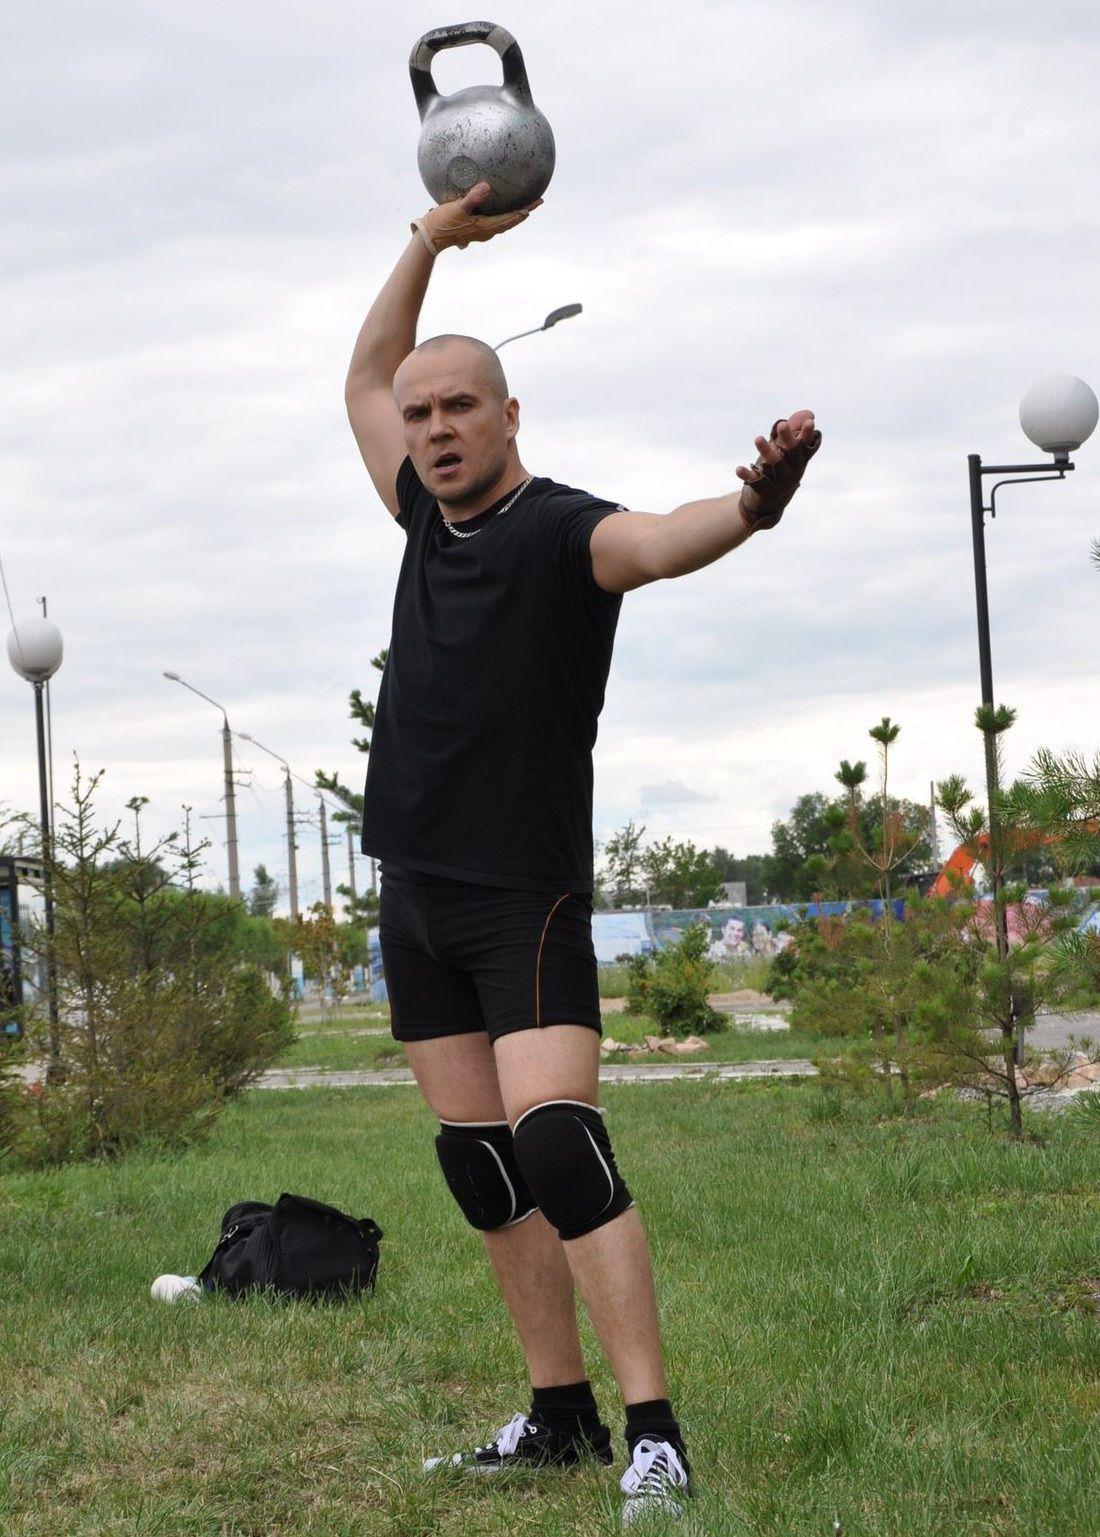 Кировчанин - чемпион мира по силовому жонглированию гирями